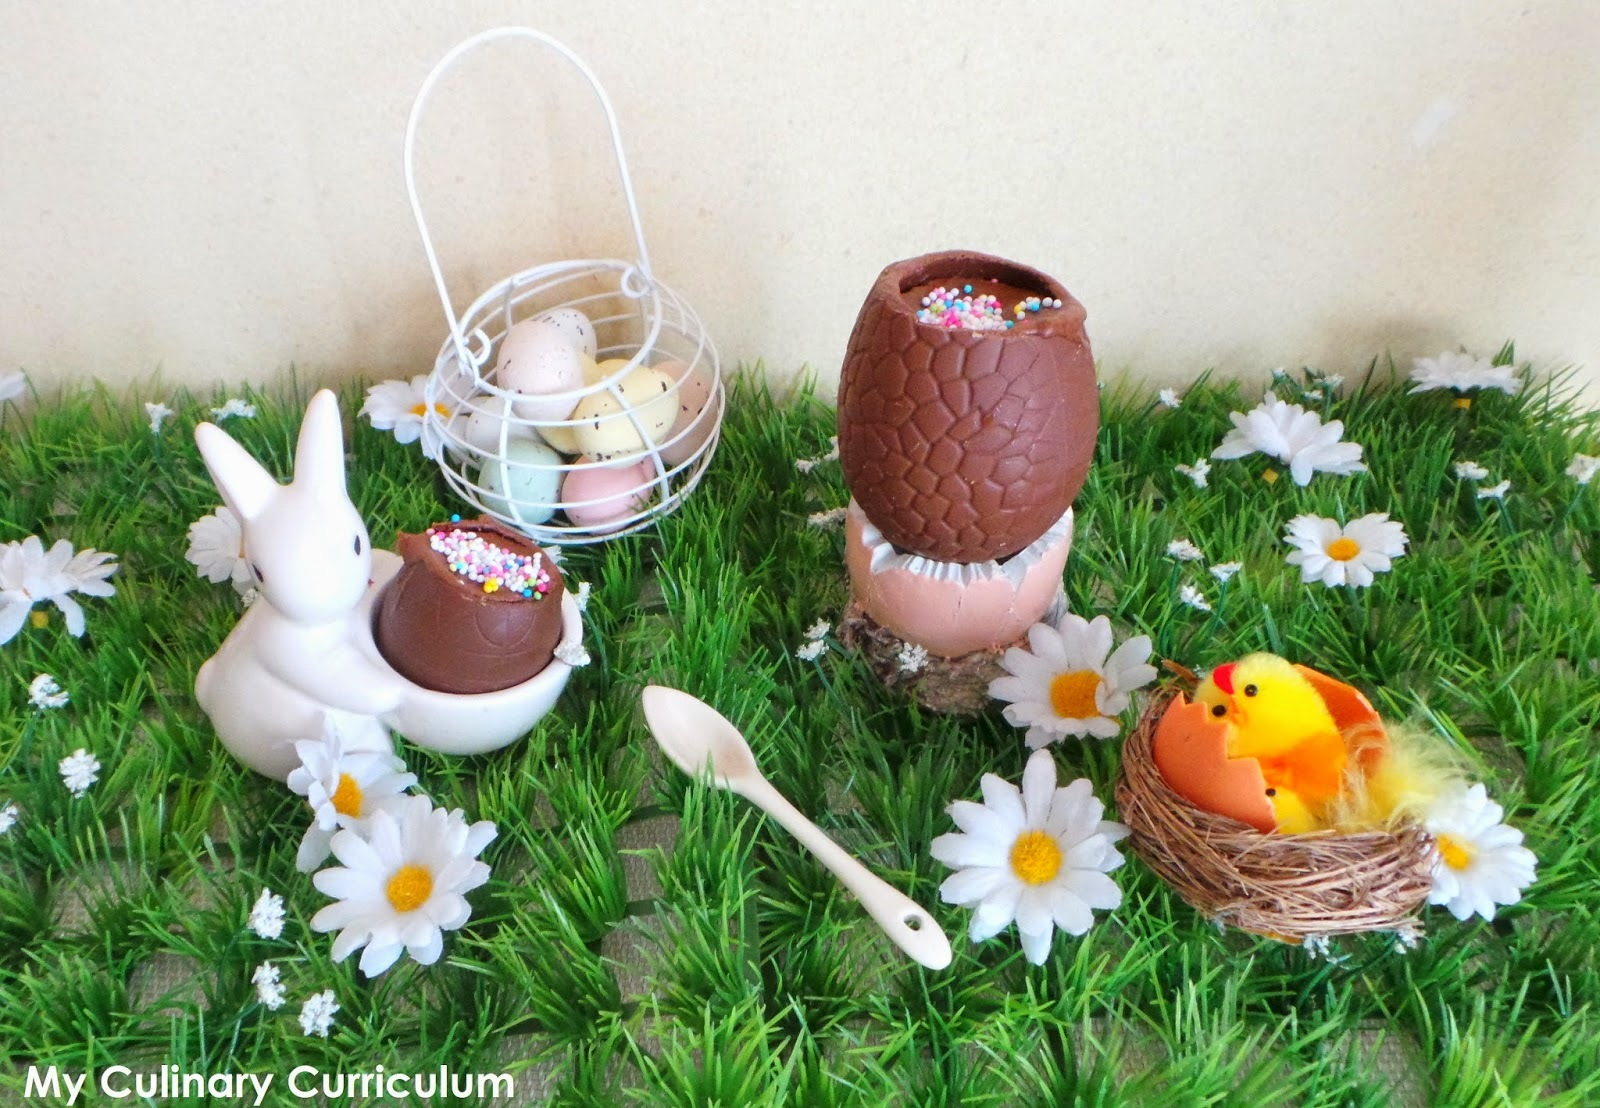 Oeuf de Pâques à la mousse au chocolat (recette facile) (Easter egg with chocolate mousse (easy recipe))